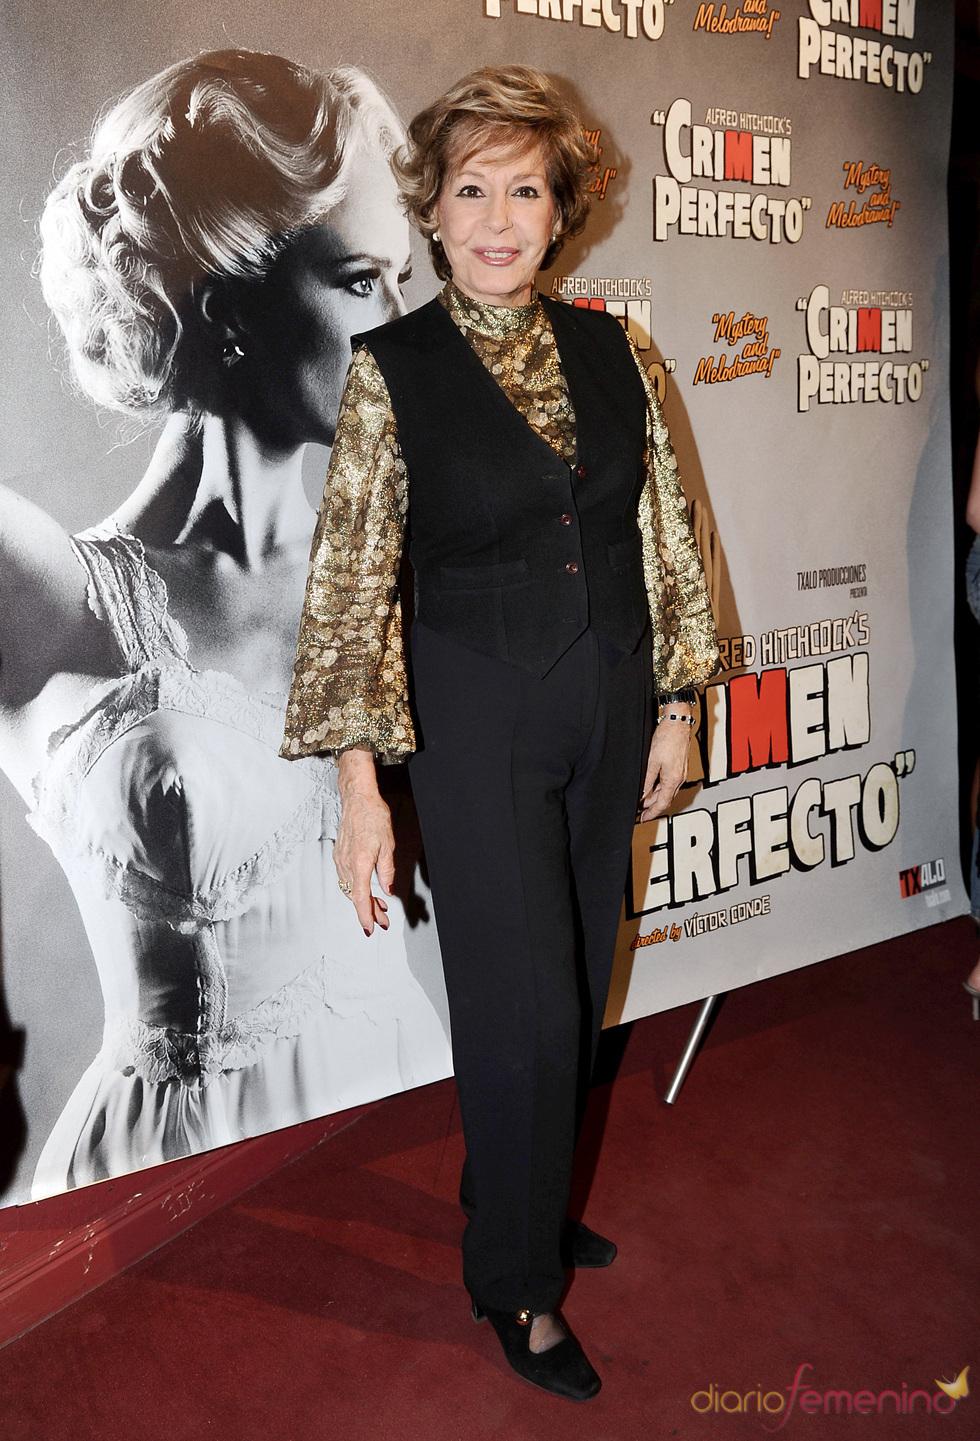 Laura Valenzuela en el estreno de 'Crimen perfecto' en Madrid